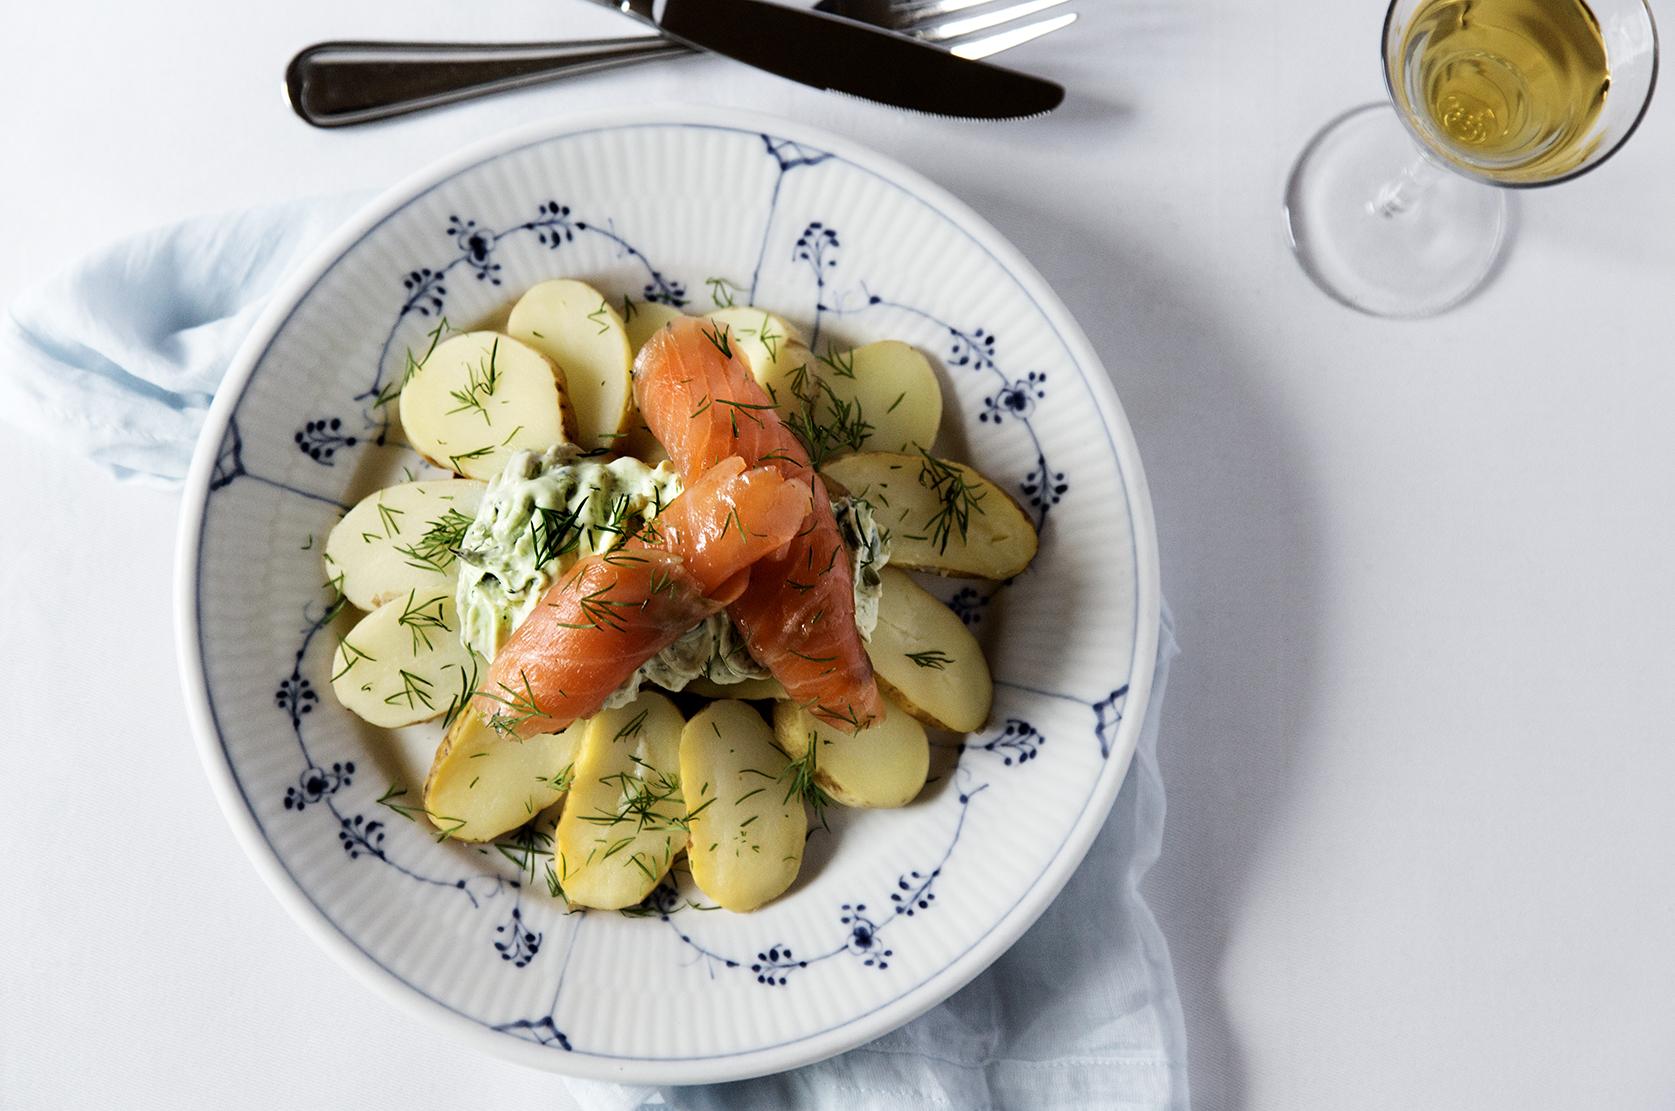 open-faced sandwiches best lunch restaurant kronborg copenhagen smoked salmon ramson recipe